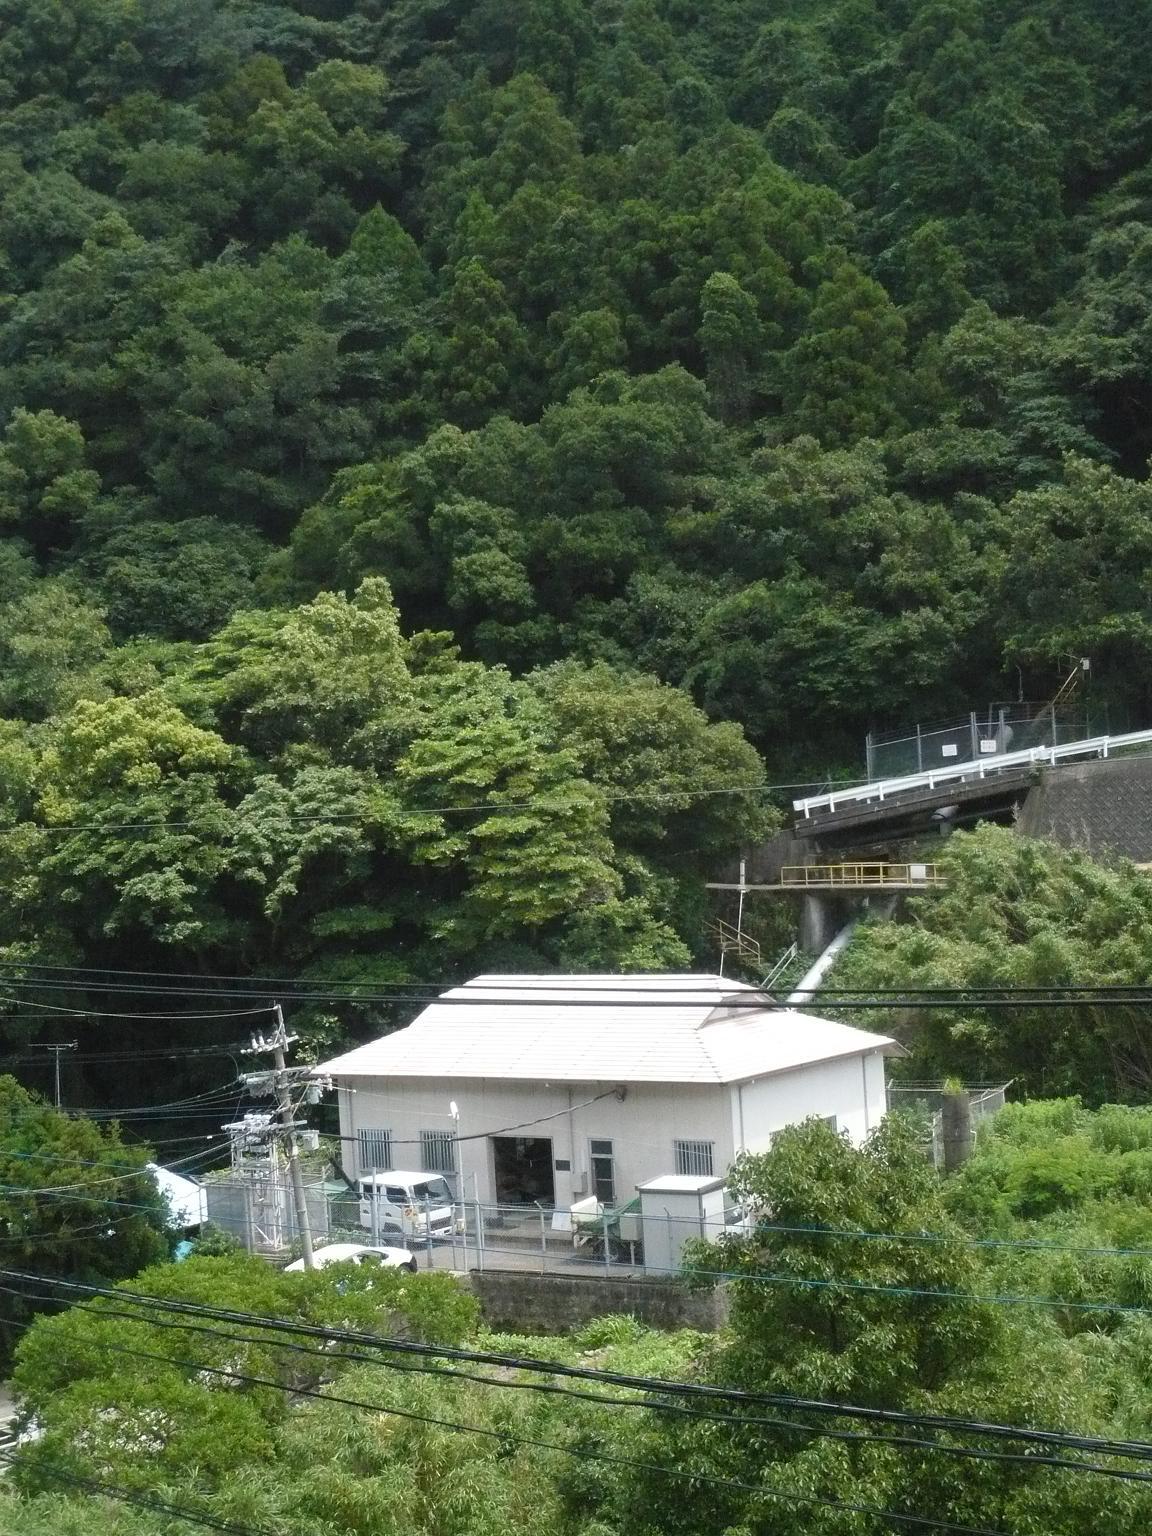 日本一小さな水力発電所げな?: 千々石(ちぢわ)deその日暮らし~長崎 ...